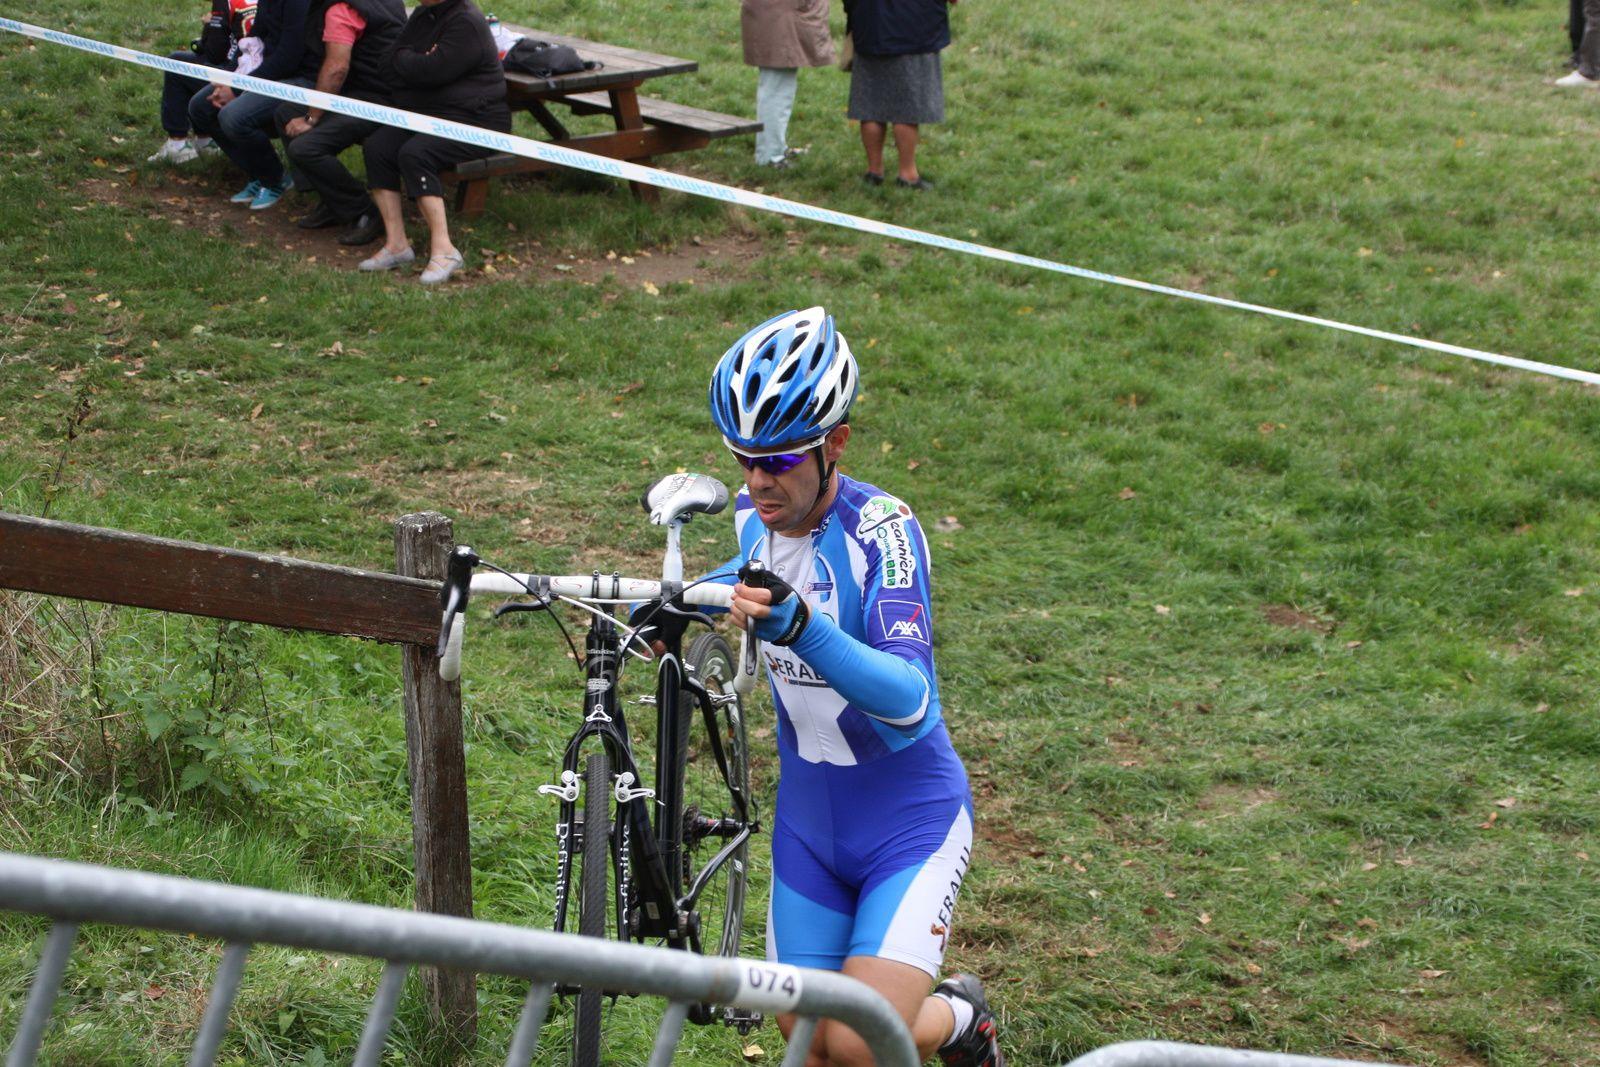 Le  passage  des  marches, le  coureur  de  l'AC  Jarnac-Aigre-Rouillac, victime  d'une  sévére  chute  sur  les  Boucles de l'Arnoult  est  toujours  en  tête